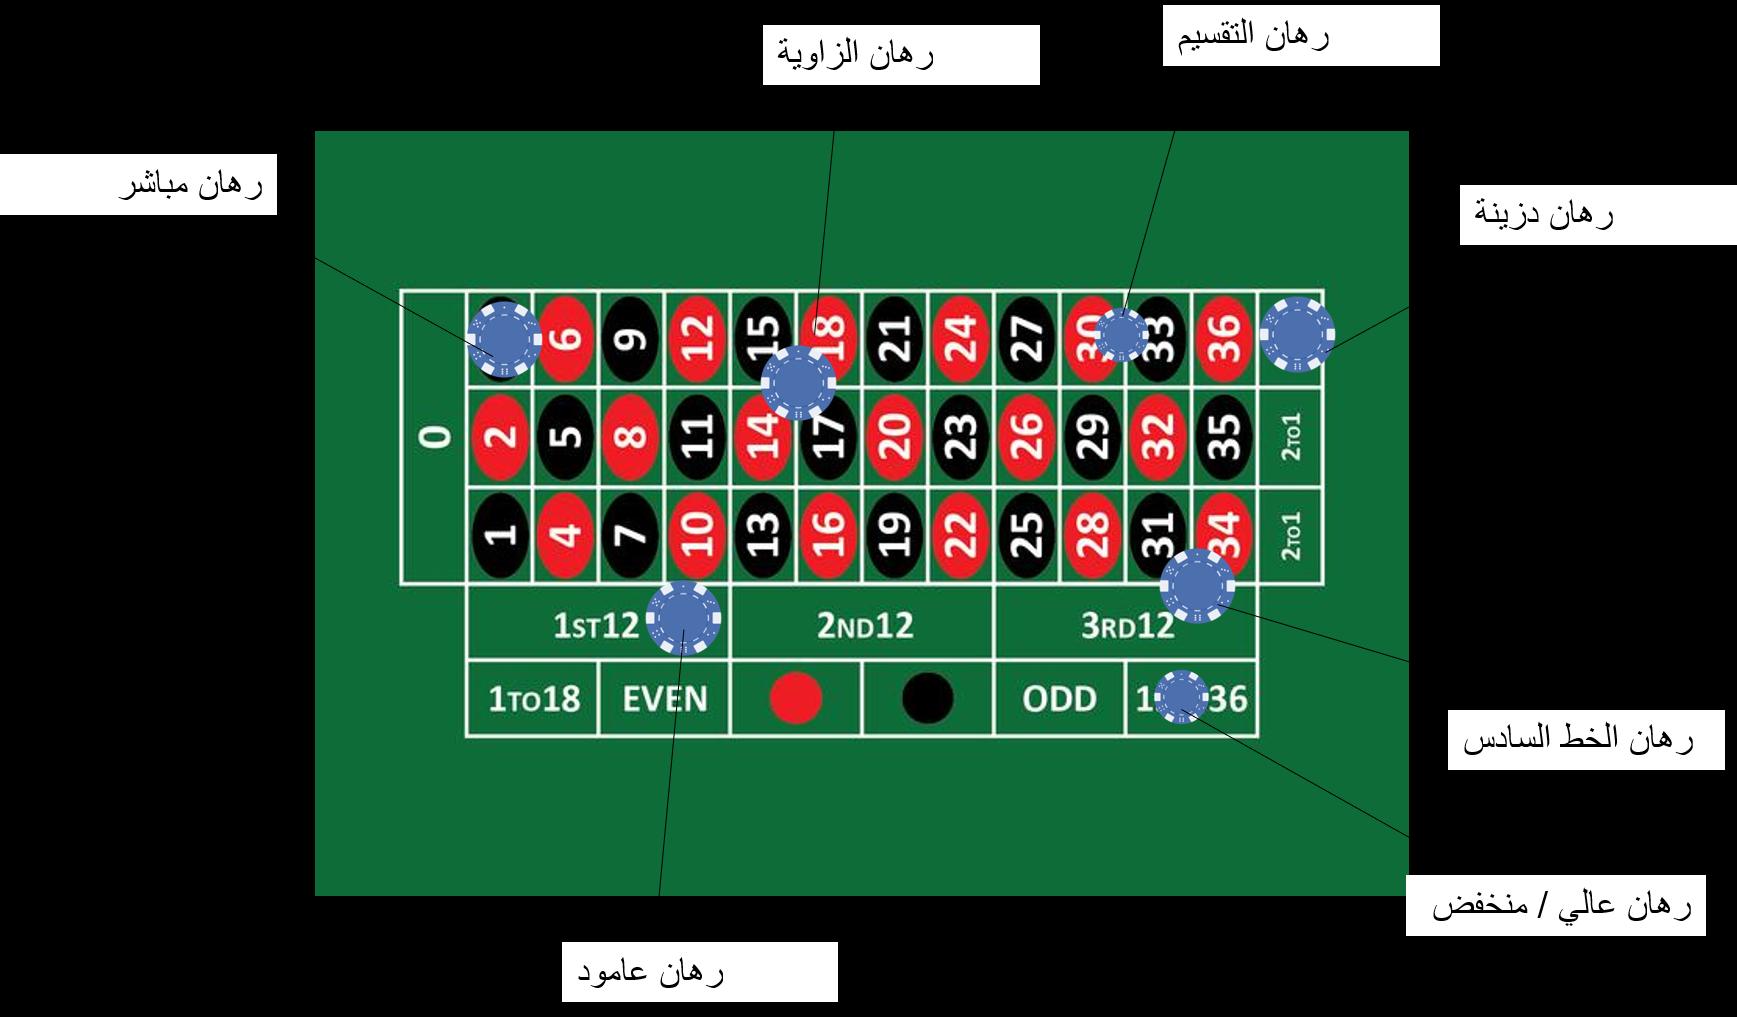 طريقة عمل إستراتيجية - 83862